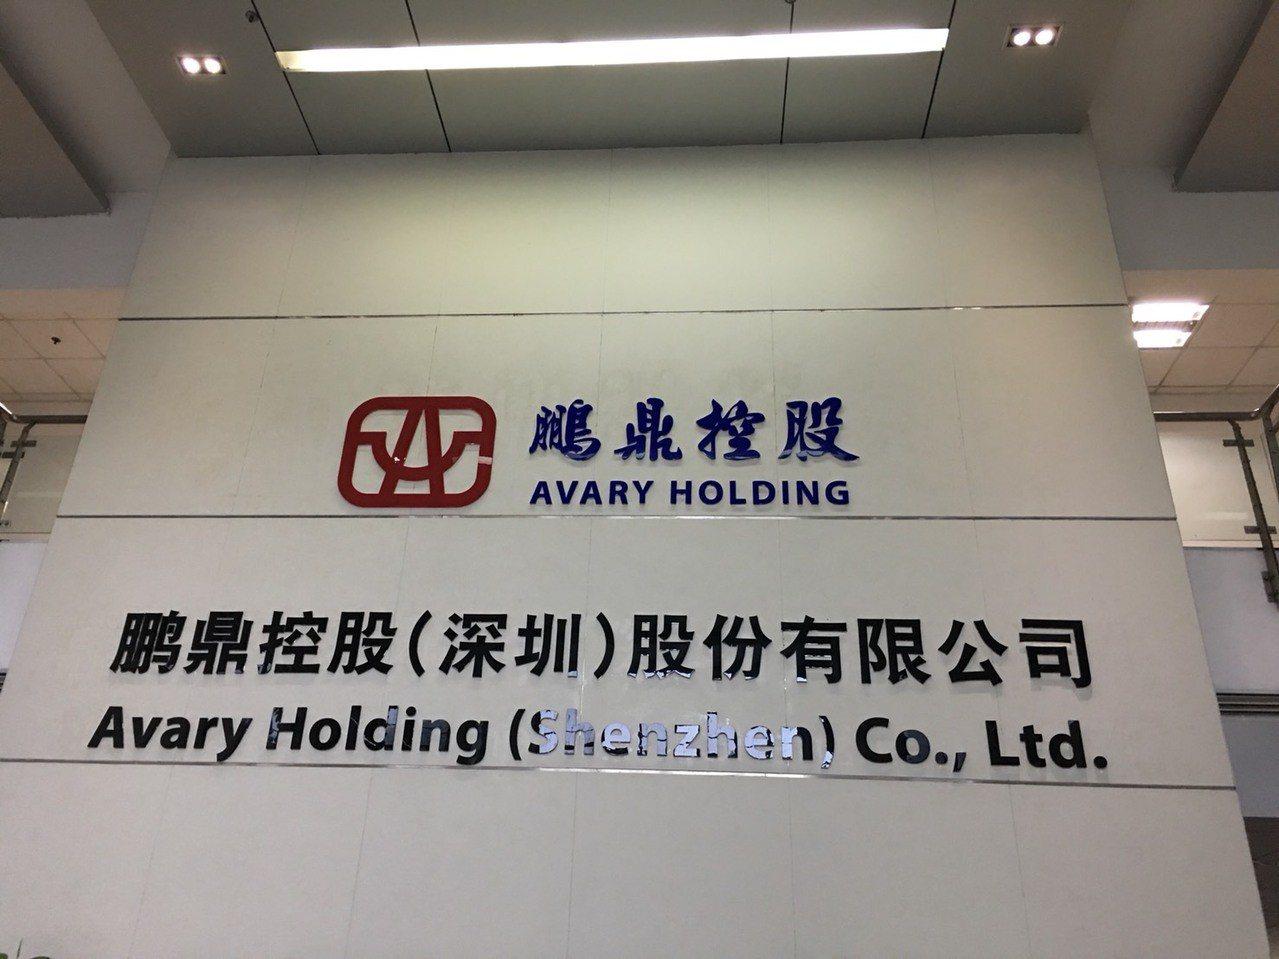 全球PCB龍頭臻鼎-KY(4958)旗下鵬鼎將在A股掛牌,並獲得投資者熱烈參加申...